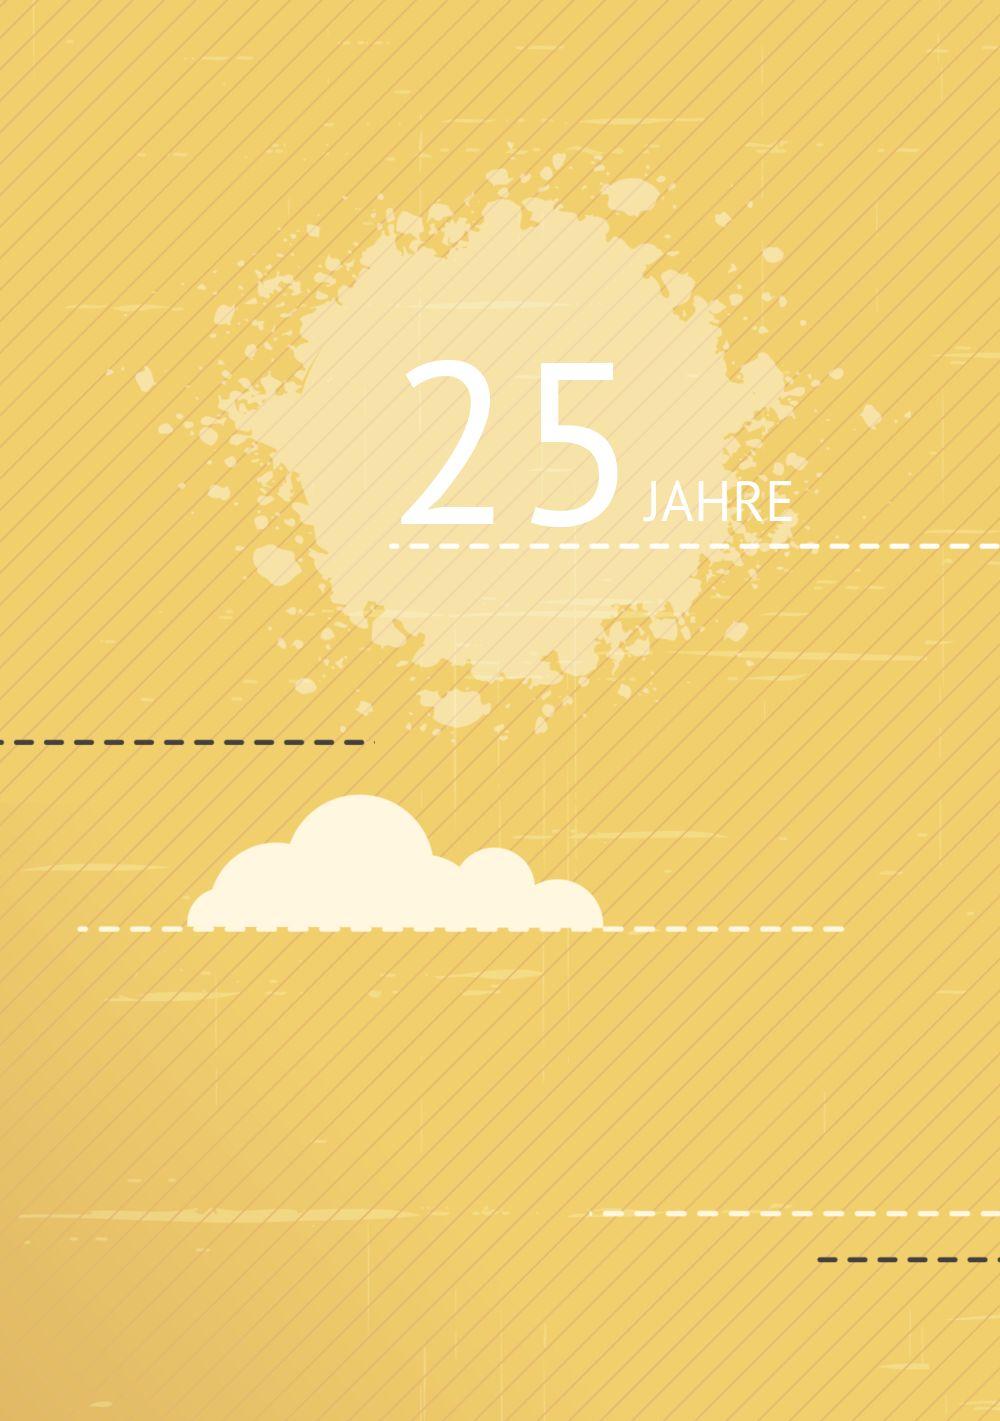 Ansicht 4 - Jubiläumskarte Wolken